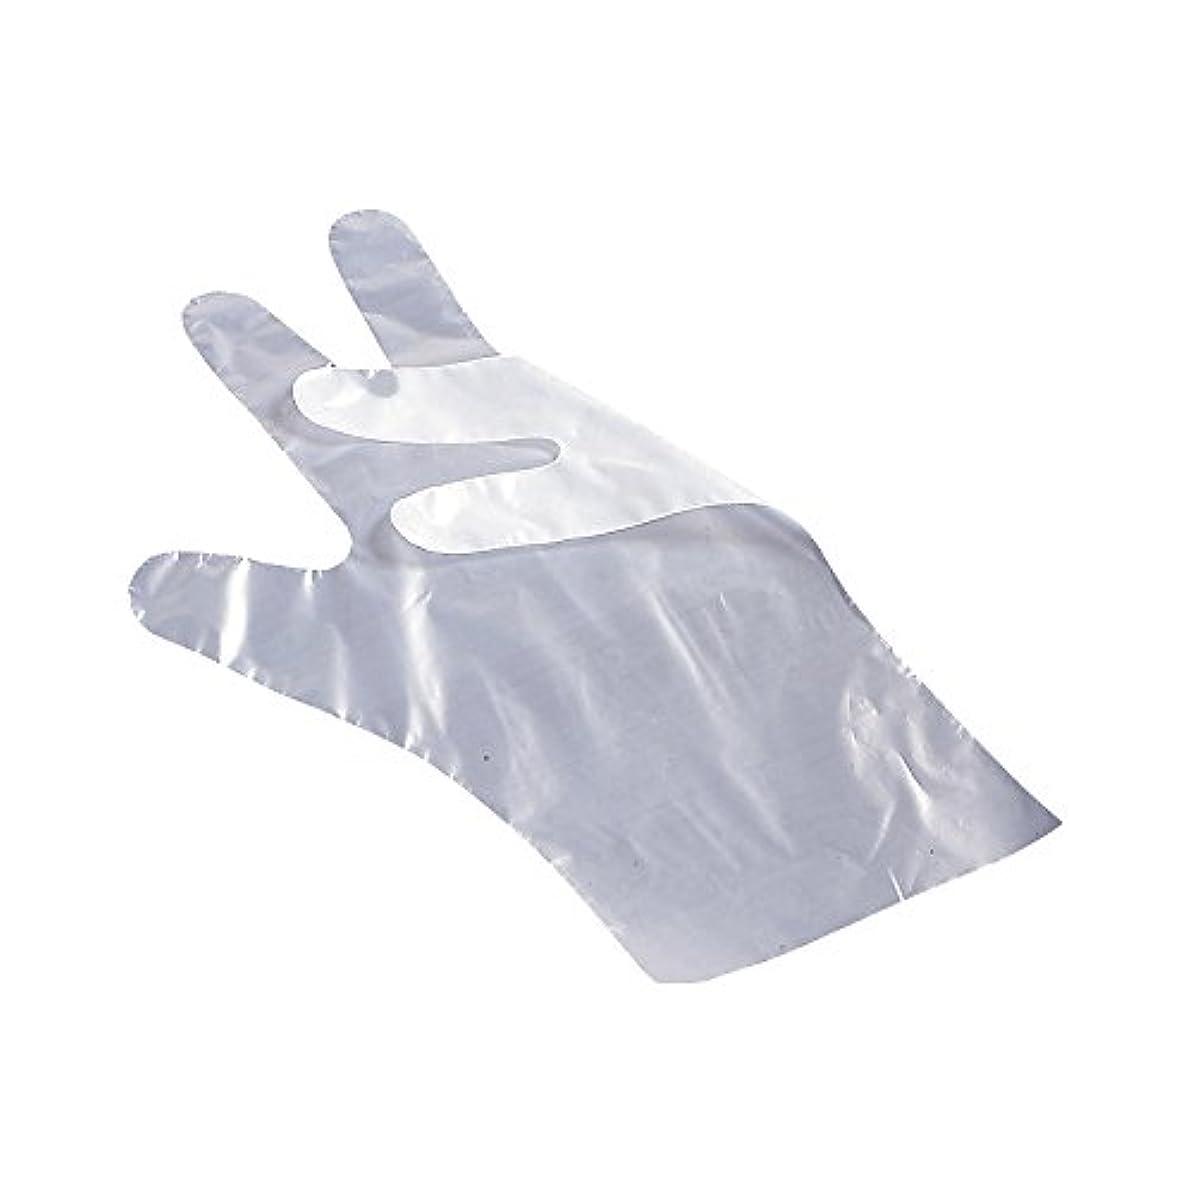 検査官遠近法ドライサクラメンエンボス手袋 デラックス 白 S 100枚入